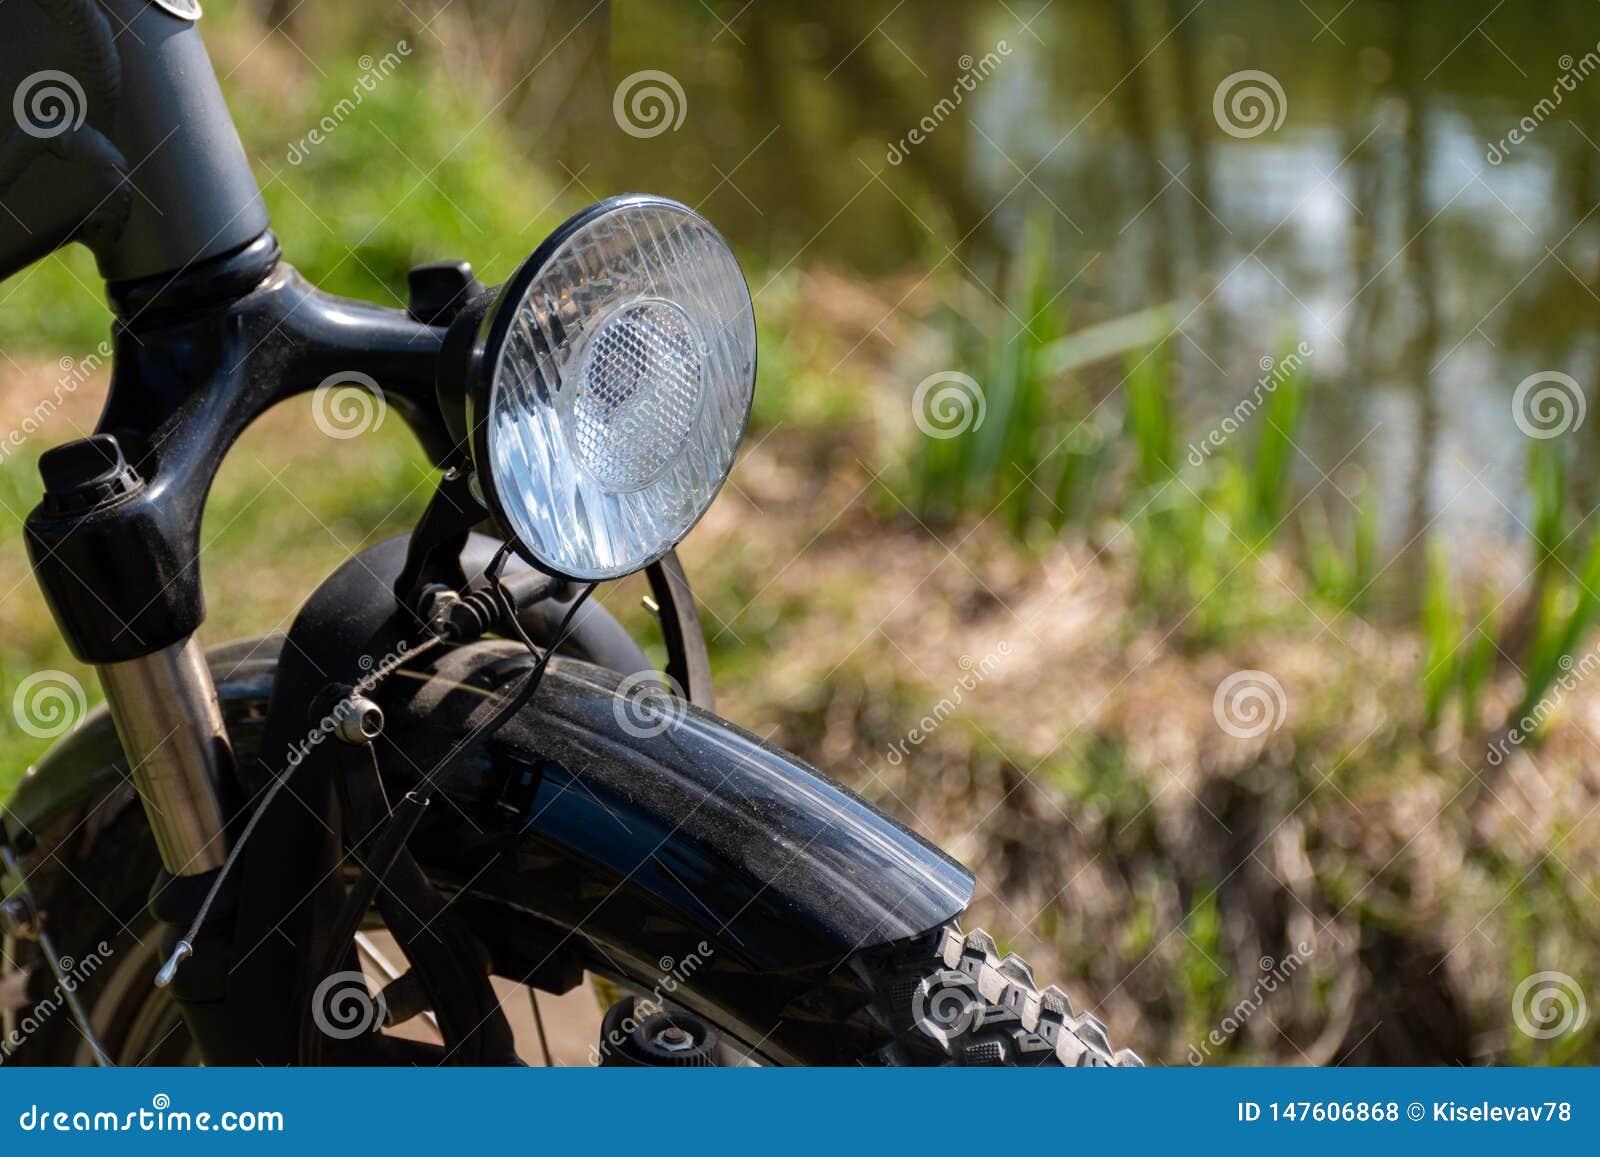 Close-up van de voorzijde van de fiets met een koplamp met een vage achtergrond van gras en vijver